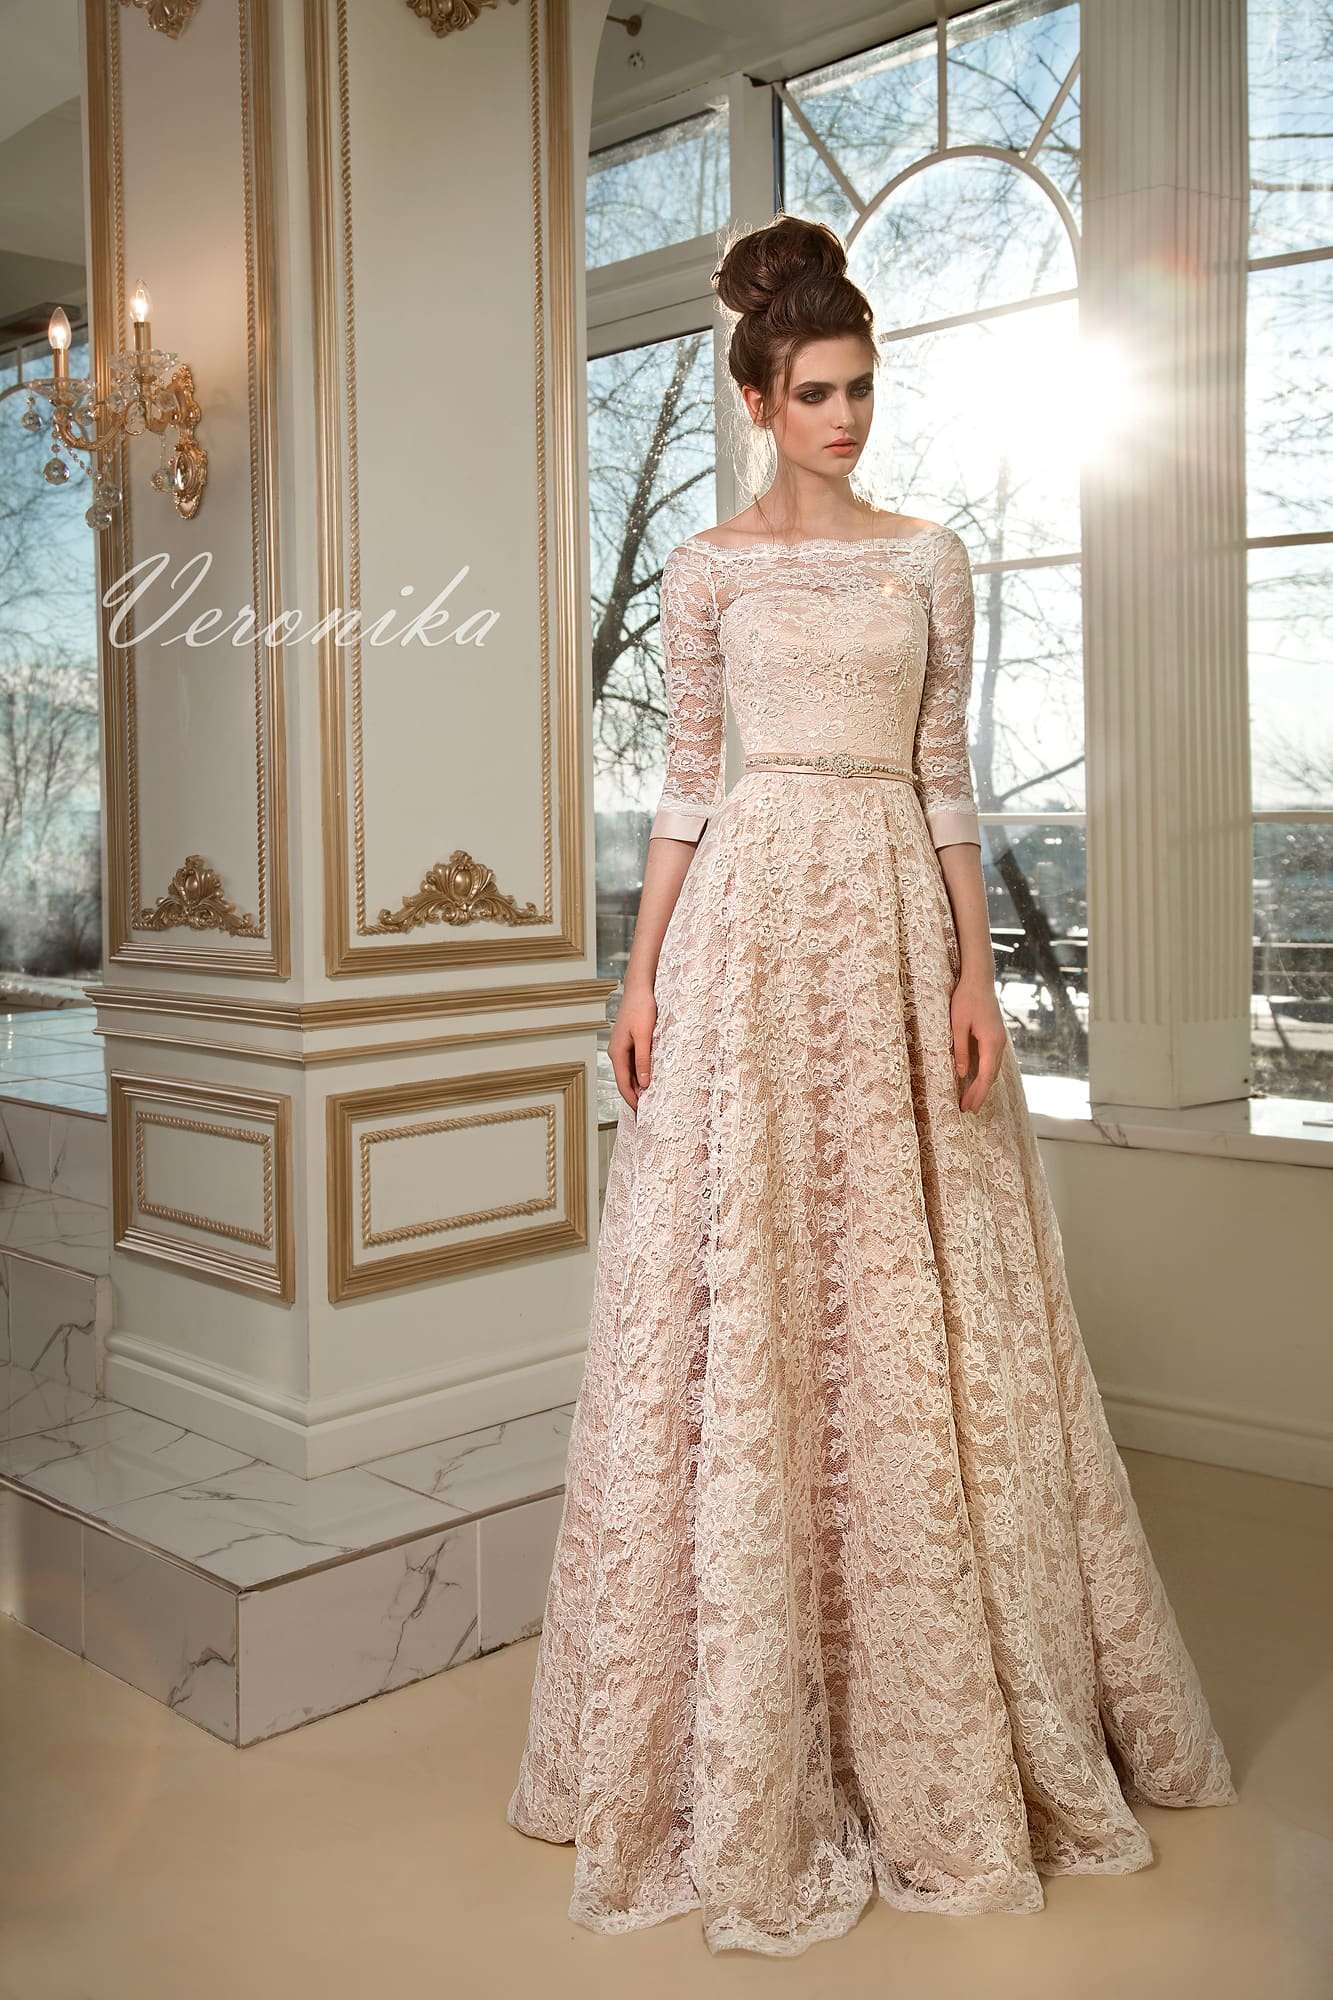 da882365ce1 Закрытое платье с рукавом 1 2 Nina Kimoli Veronika. Купить свадебное ...